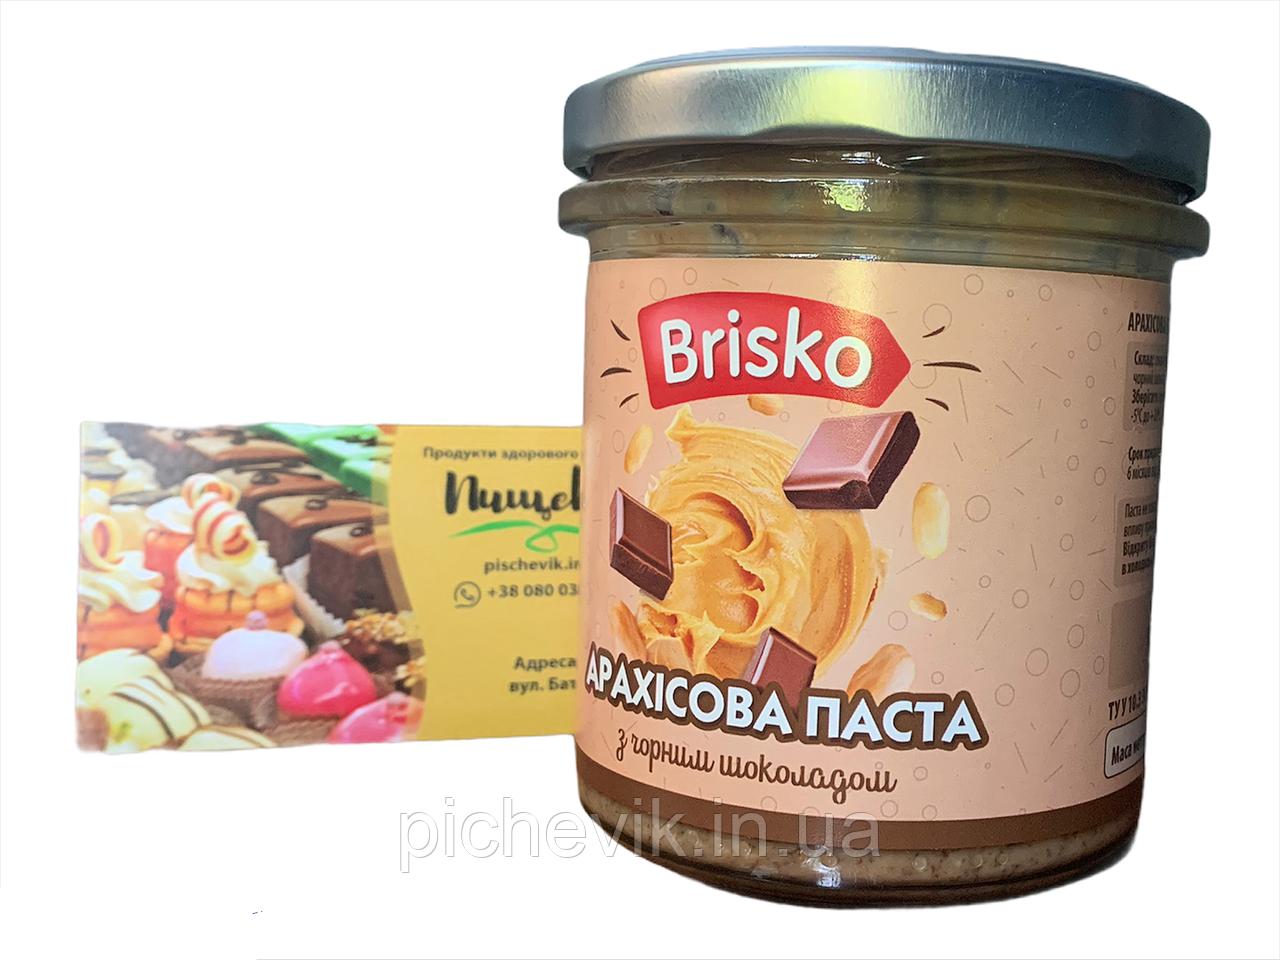 Арахисовая паста с черным шоколадом ТМ Brisko (Украина) Вес:500 грамм